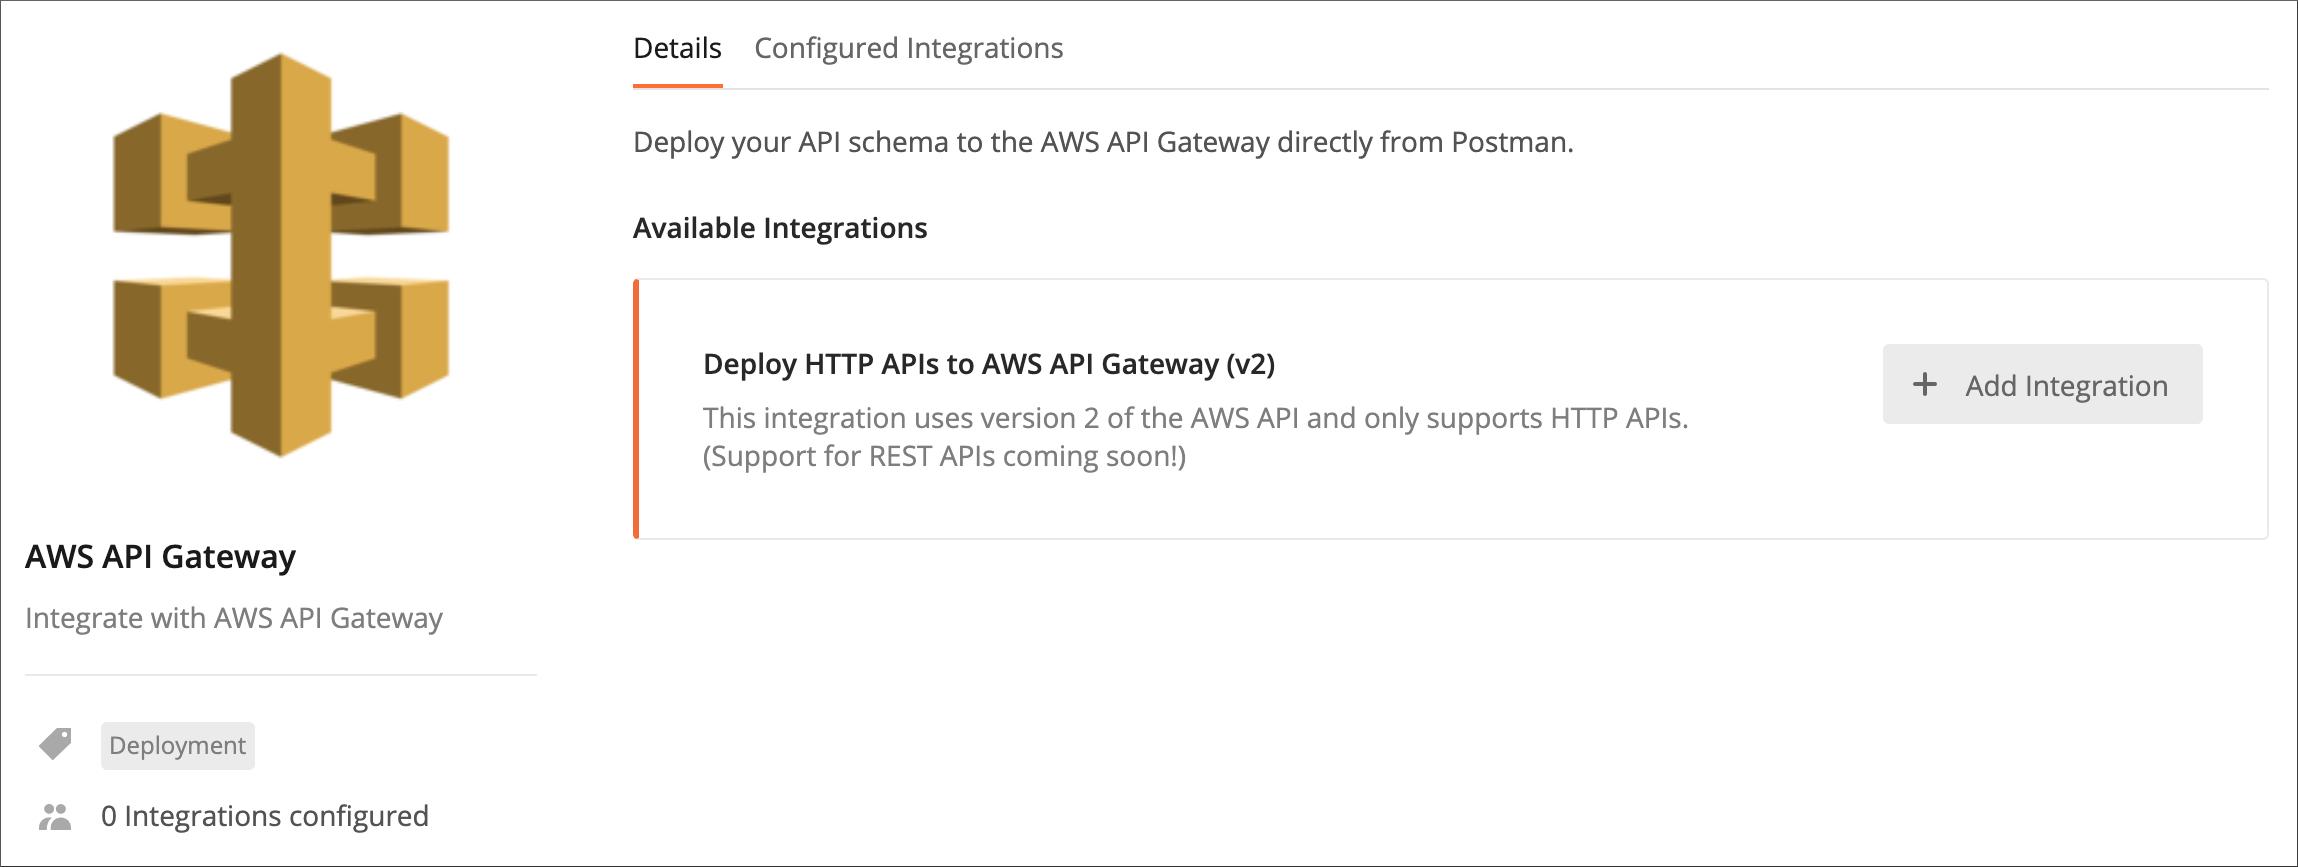 AWS API Gateway page